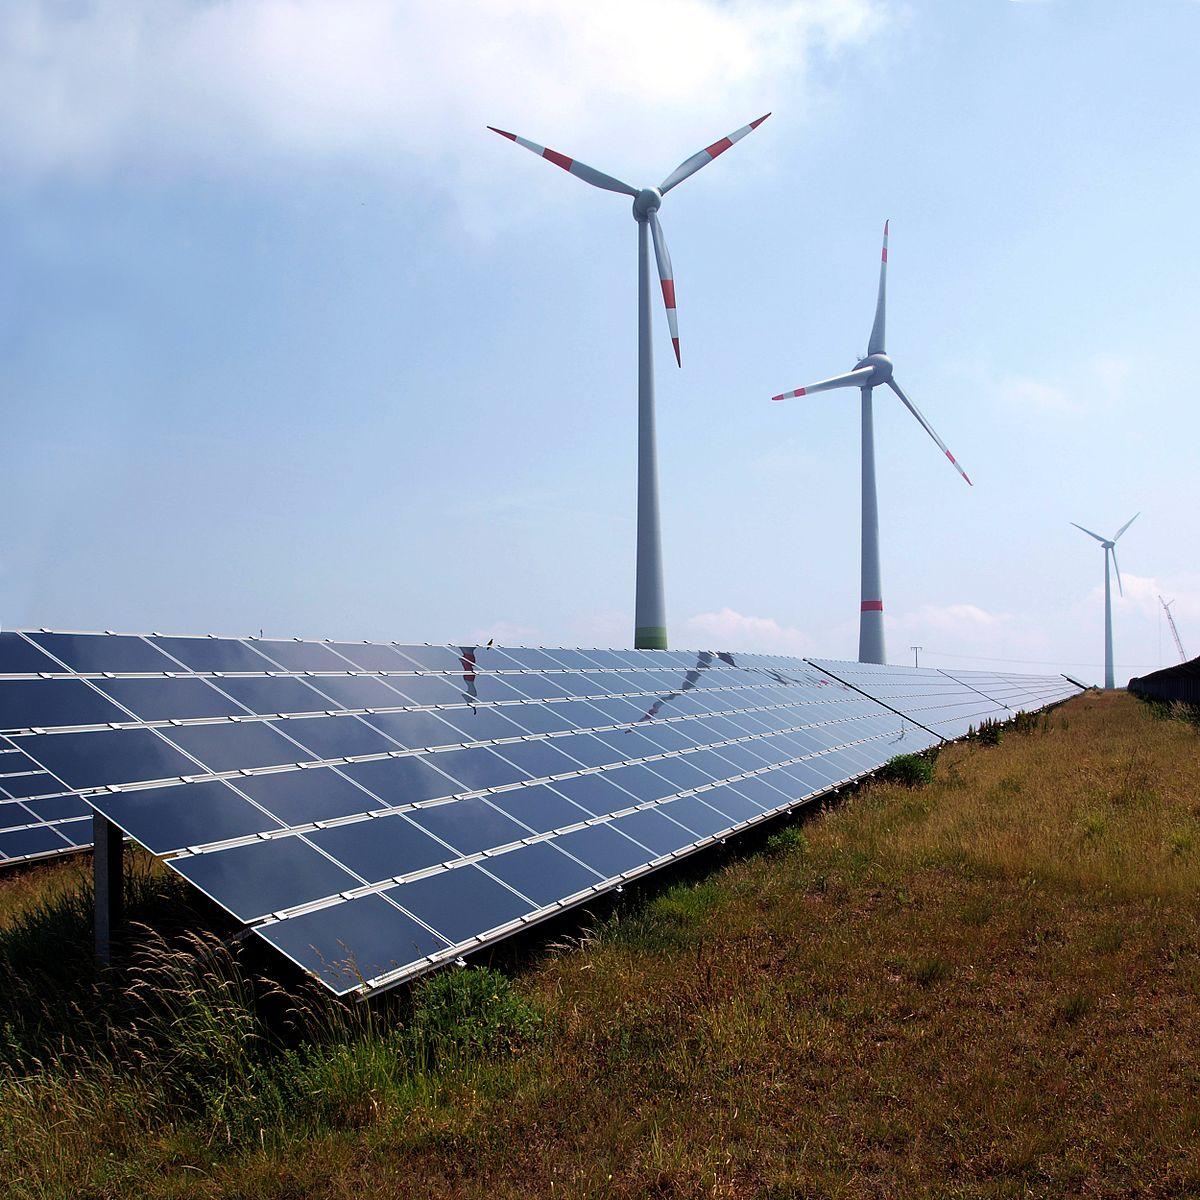 27 proyectos de transición energetica no convencional para las energías limpias, superan los $16 billones de pesos